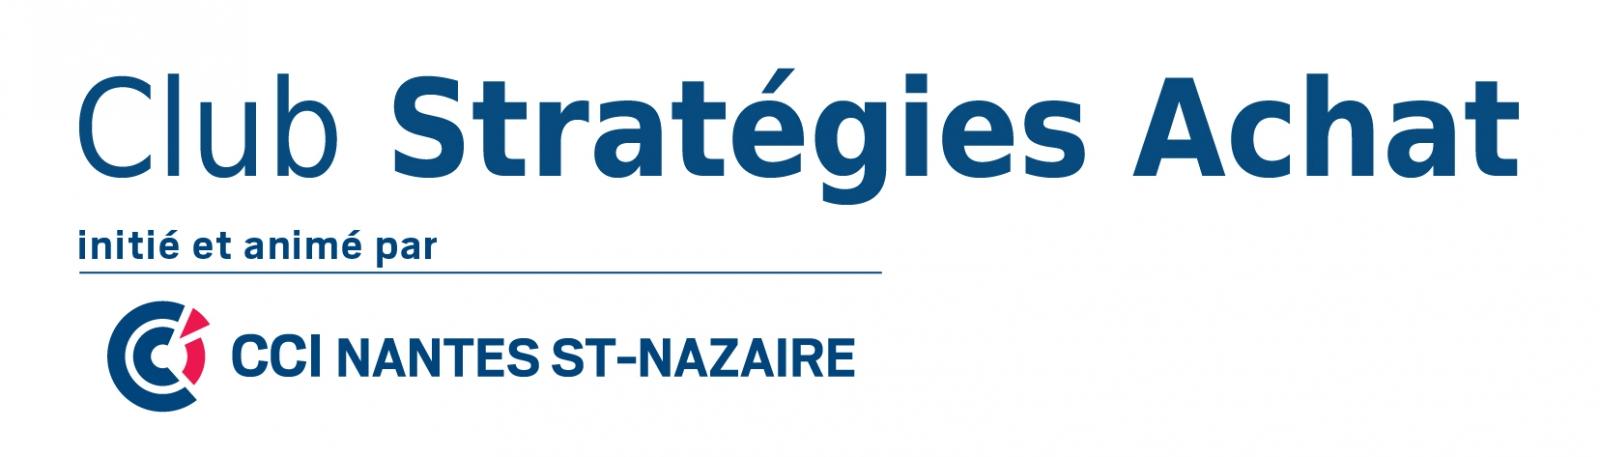 Club Stratégies Achat CCI Nantes St-Nazaire